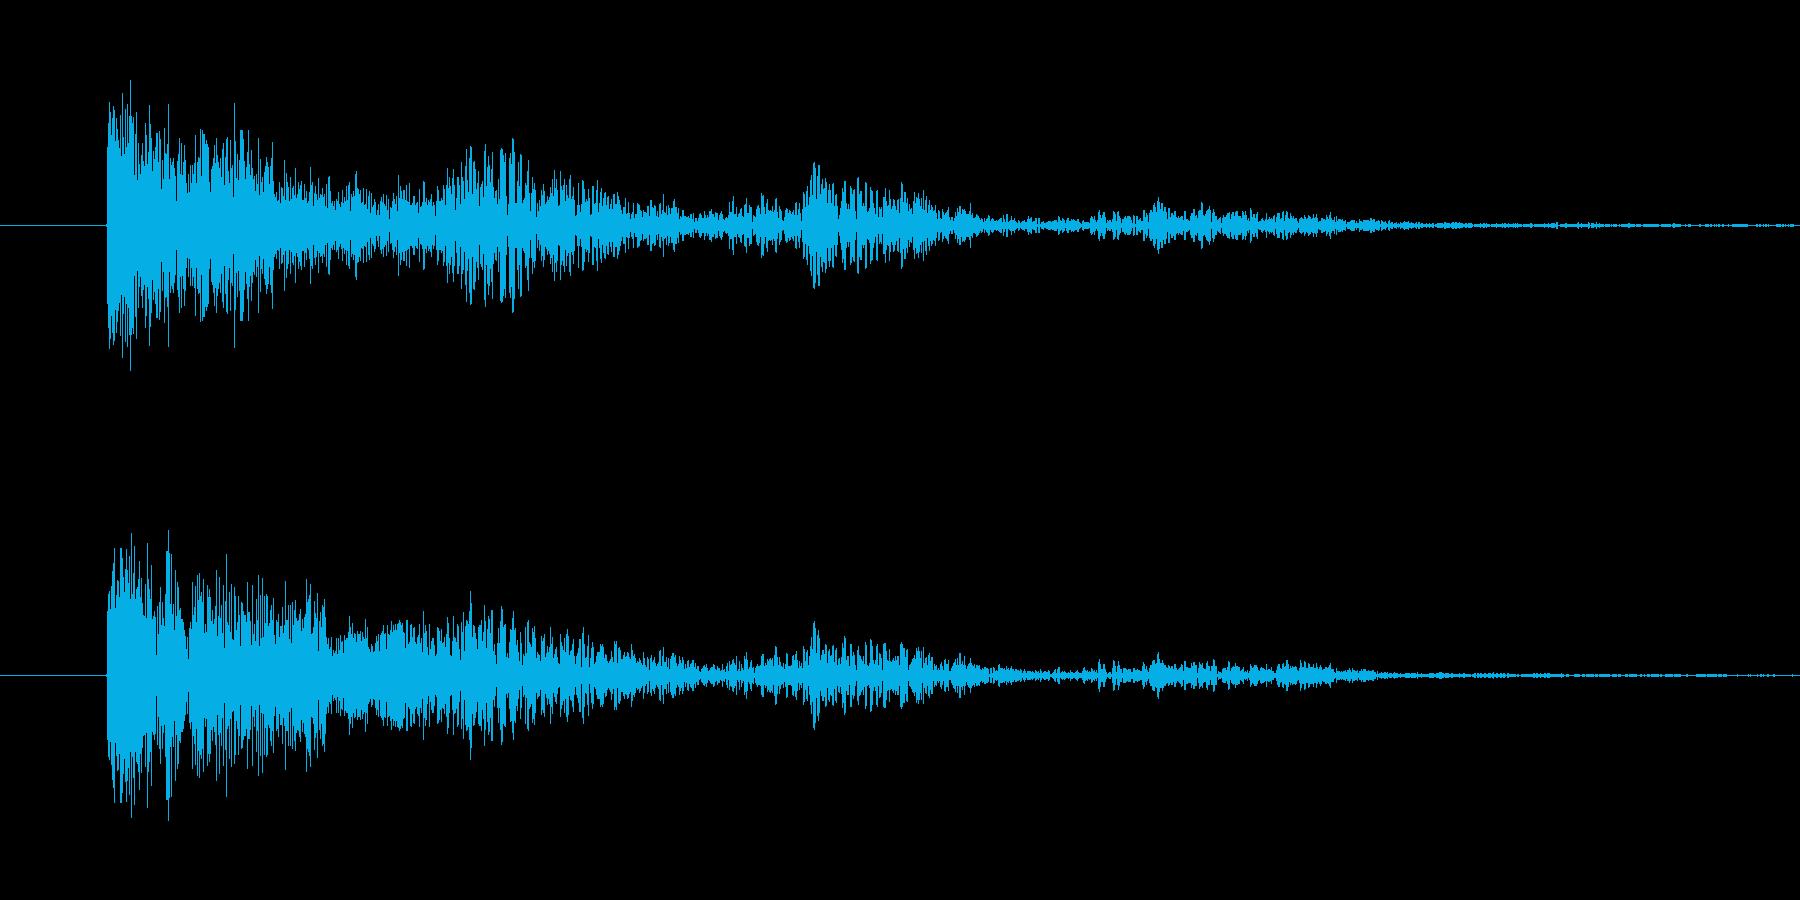 ぽわぽわした効果音の再生済みの波形